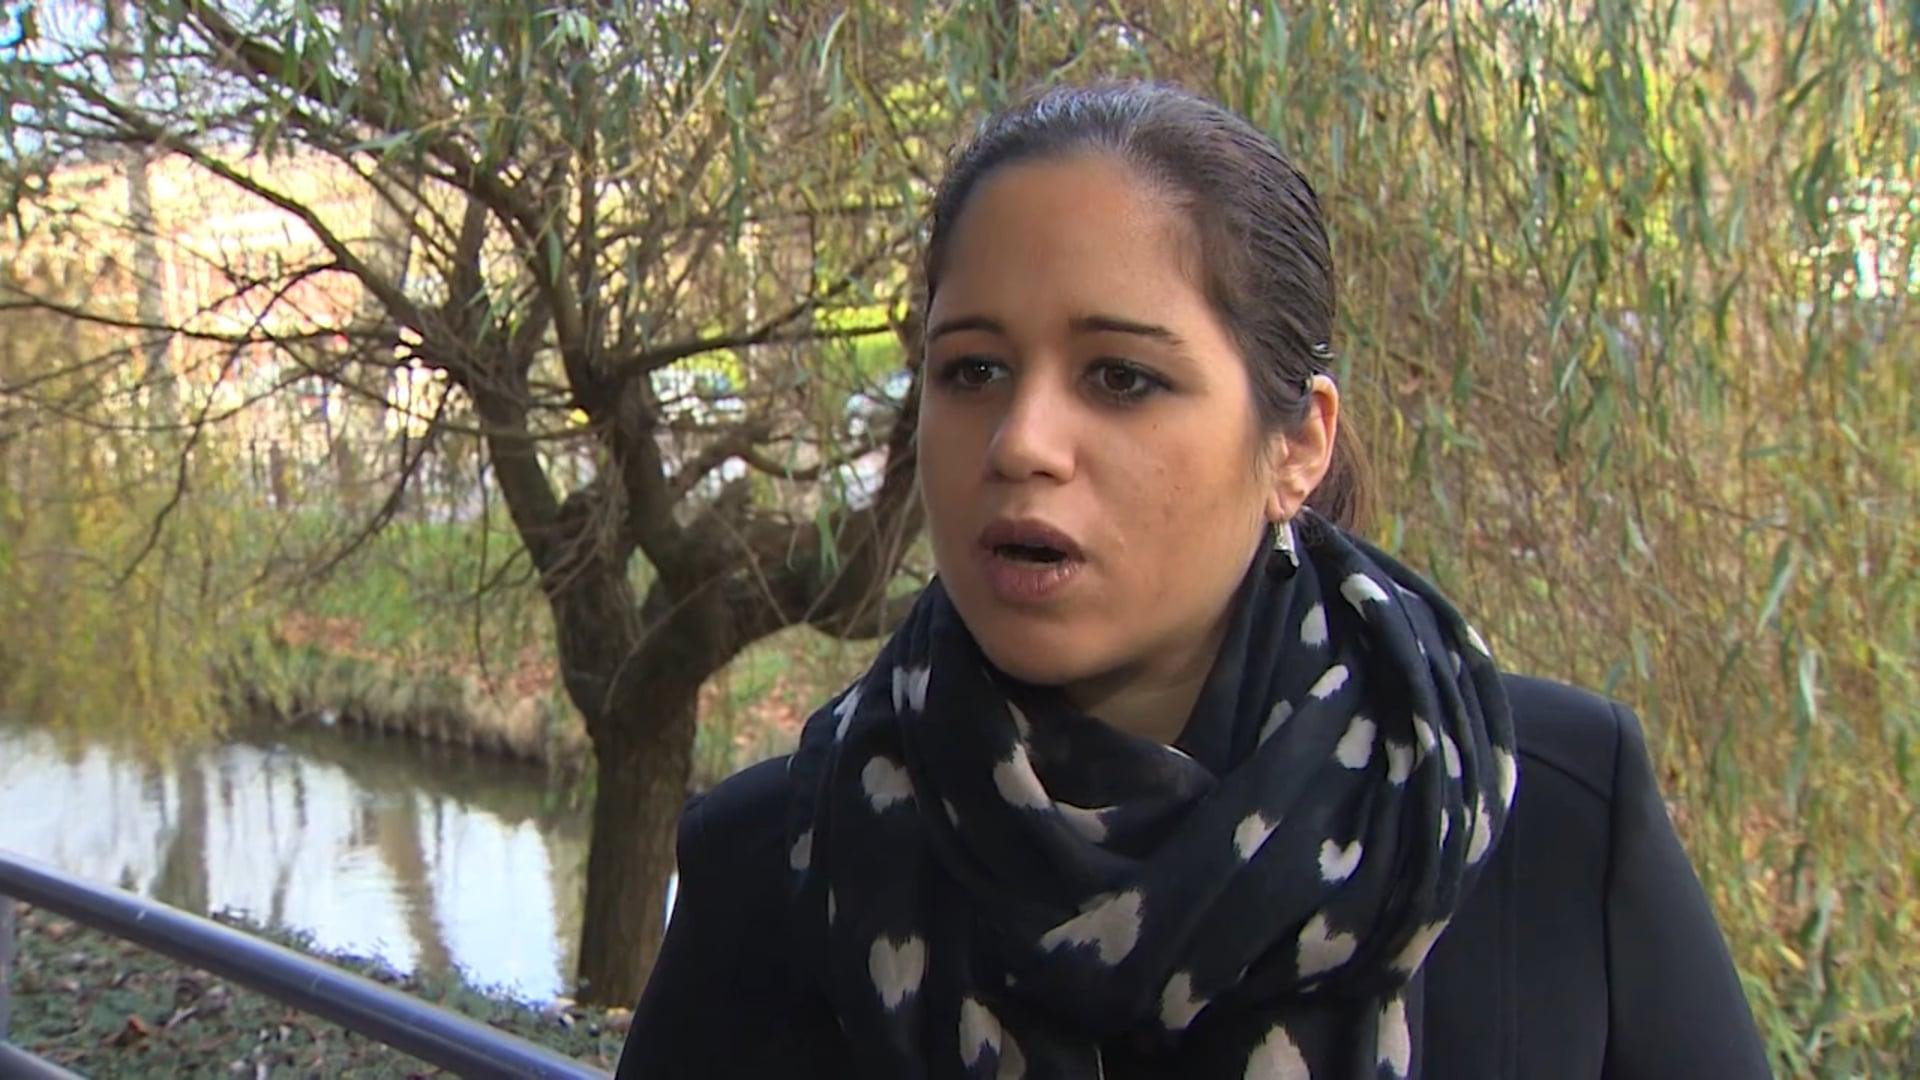 Témoignage mère et fille embrigadée par Daesh, interrogée par Laura BOUZAR, reportage CNN